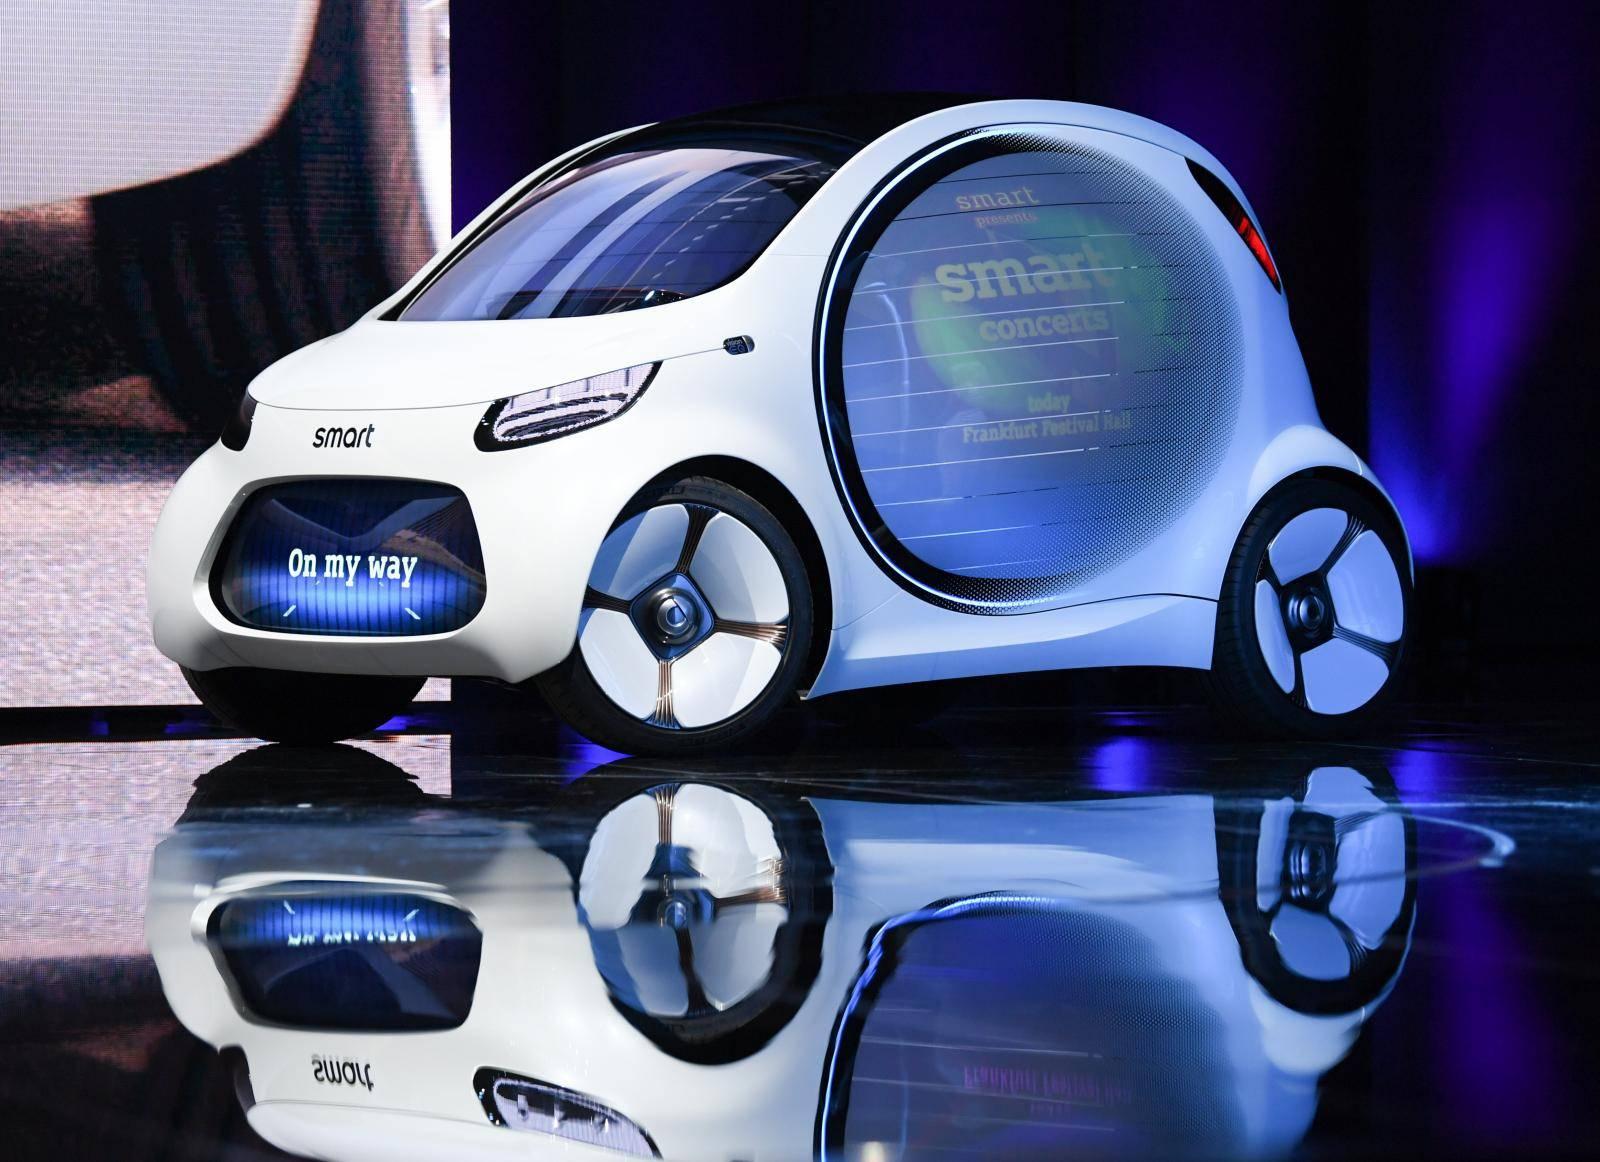 International Motor Show in Frankfurt/Main - Smart vision